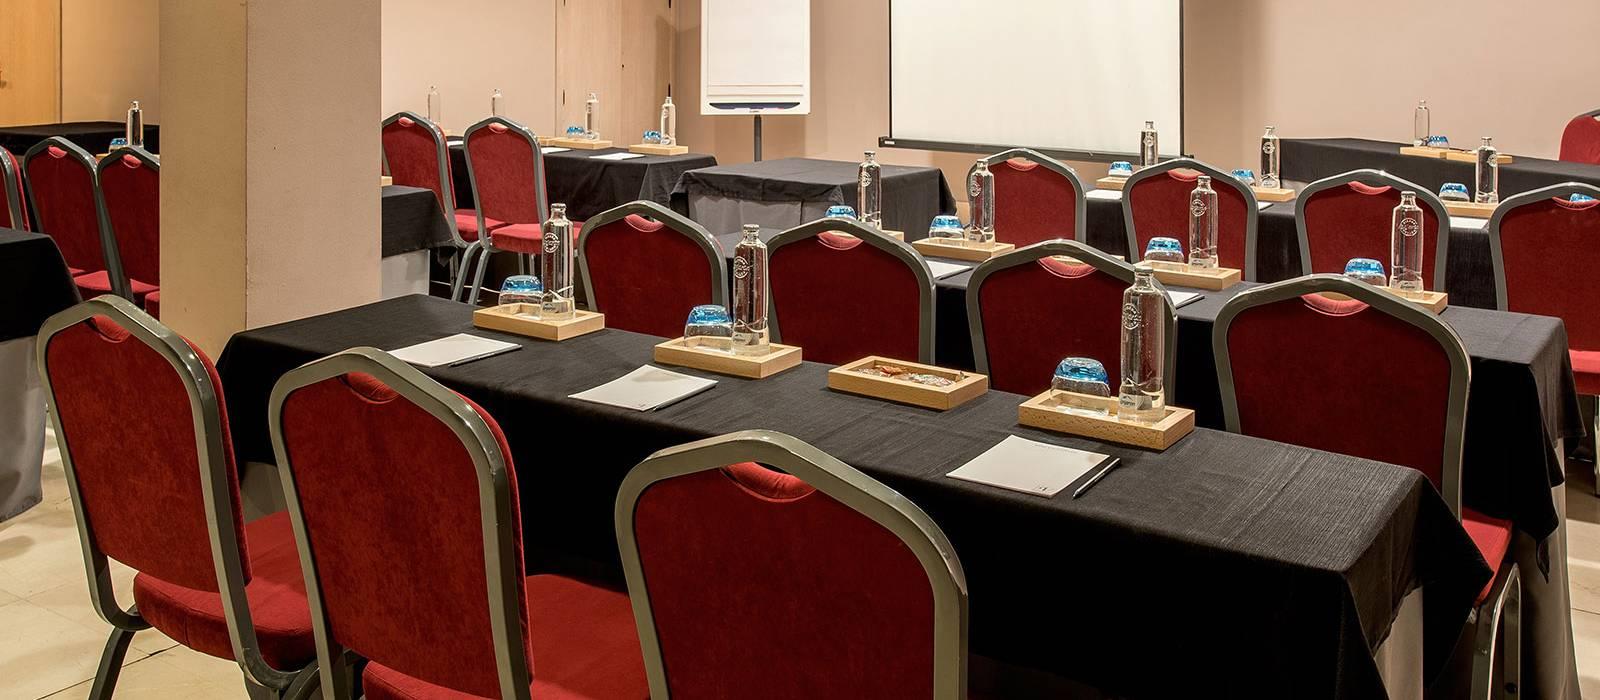 Réunions et événements Lys Hôtel Valence - Vincci Hoteles